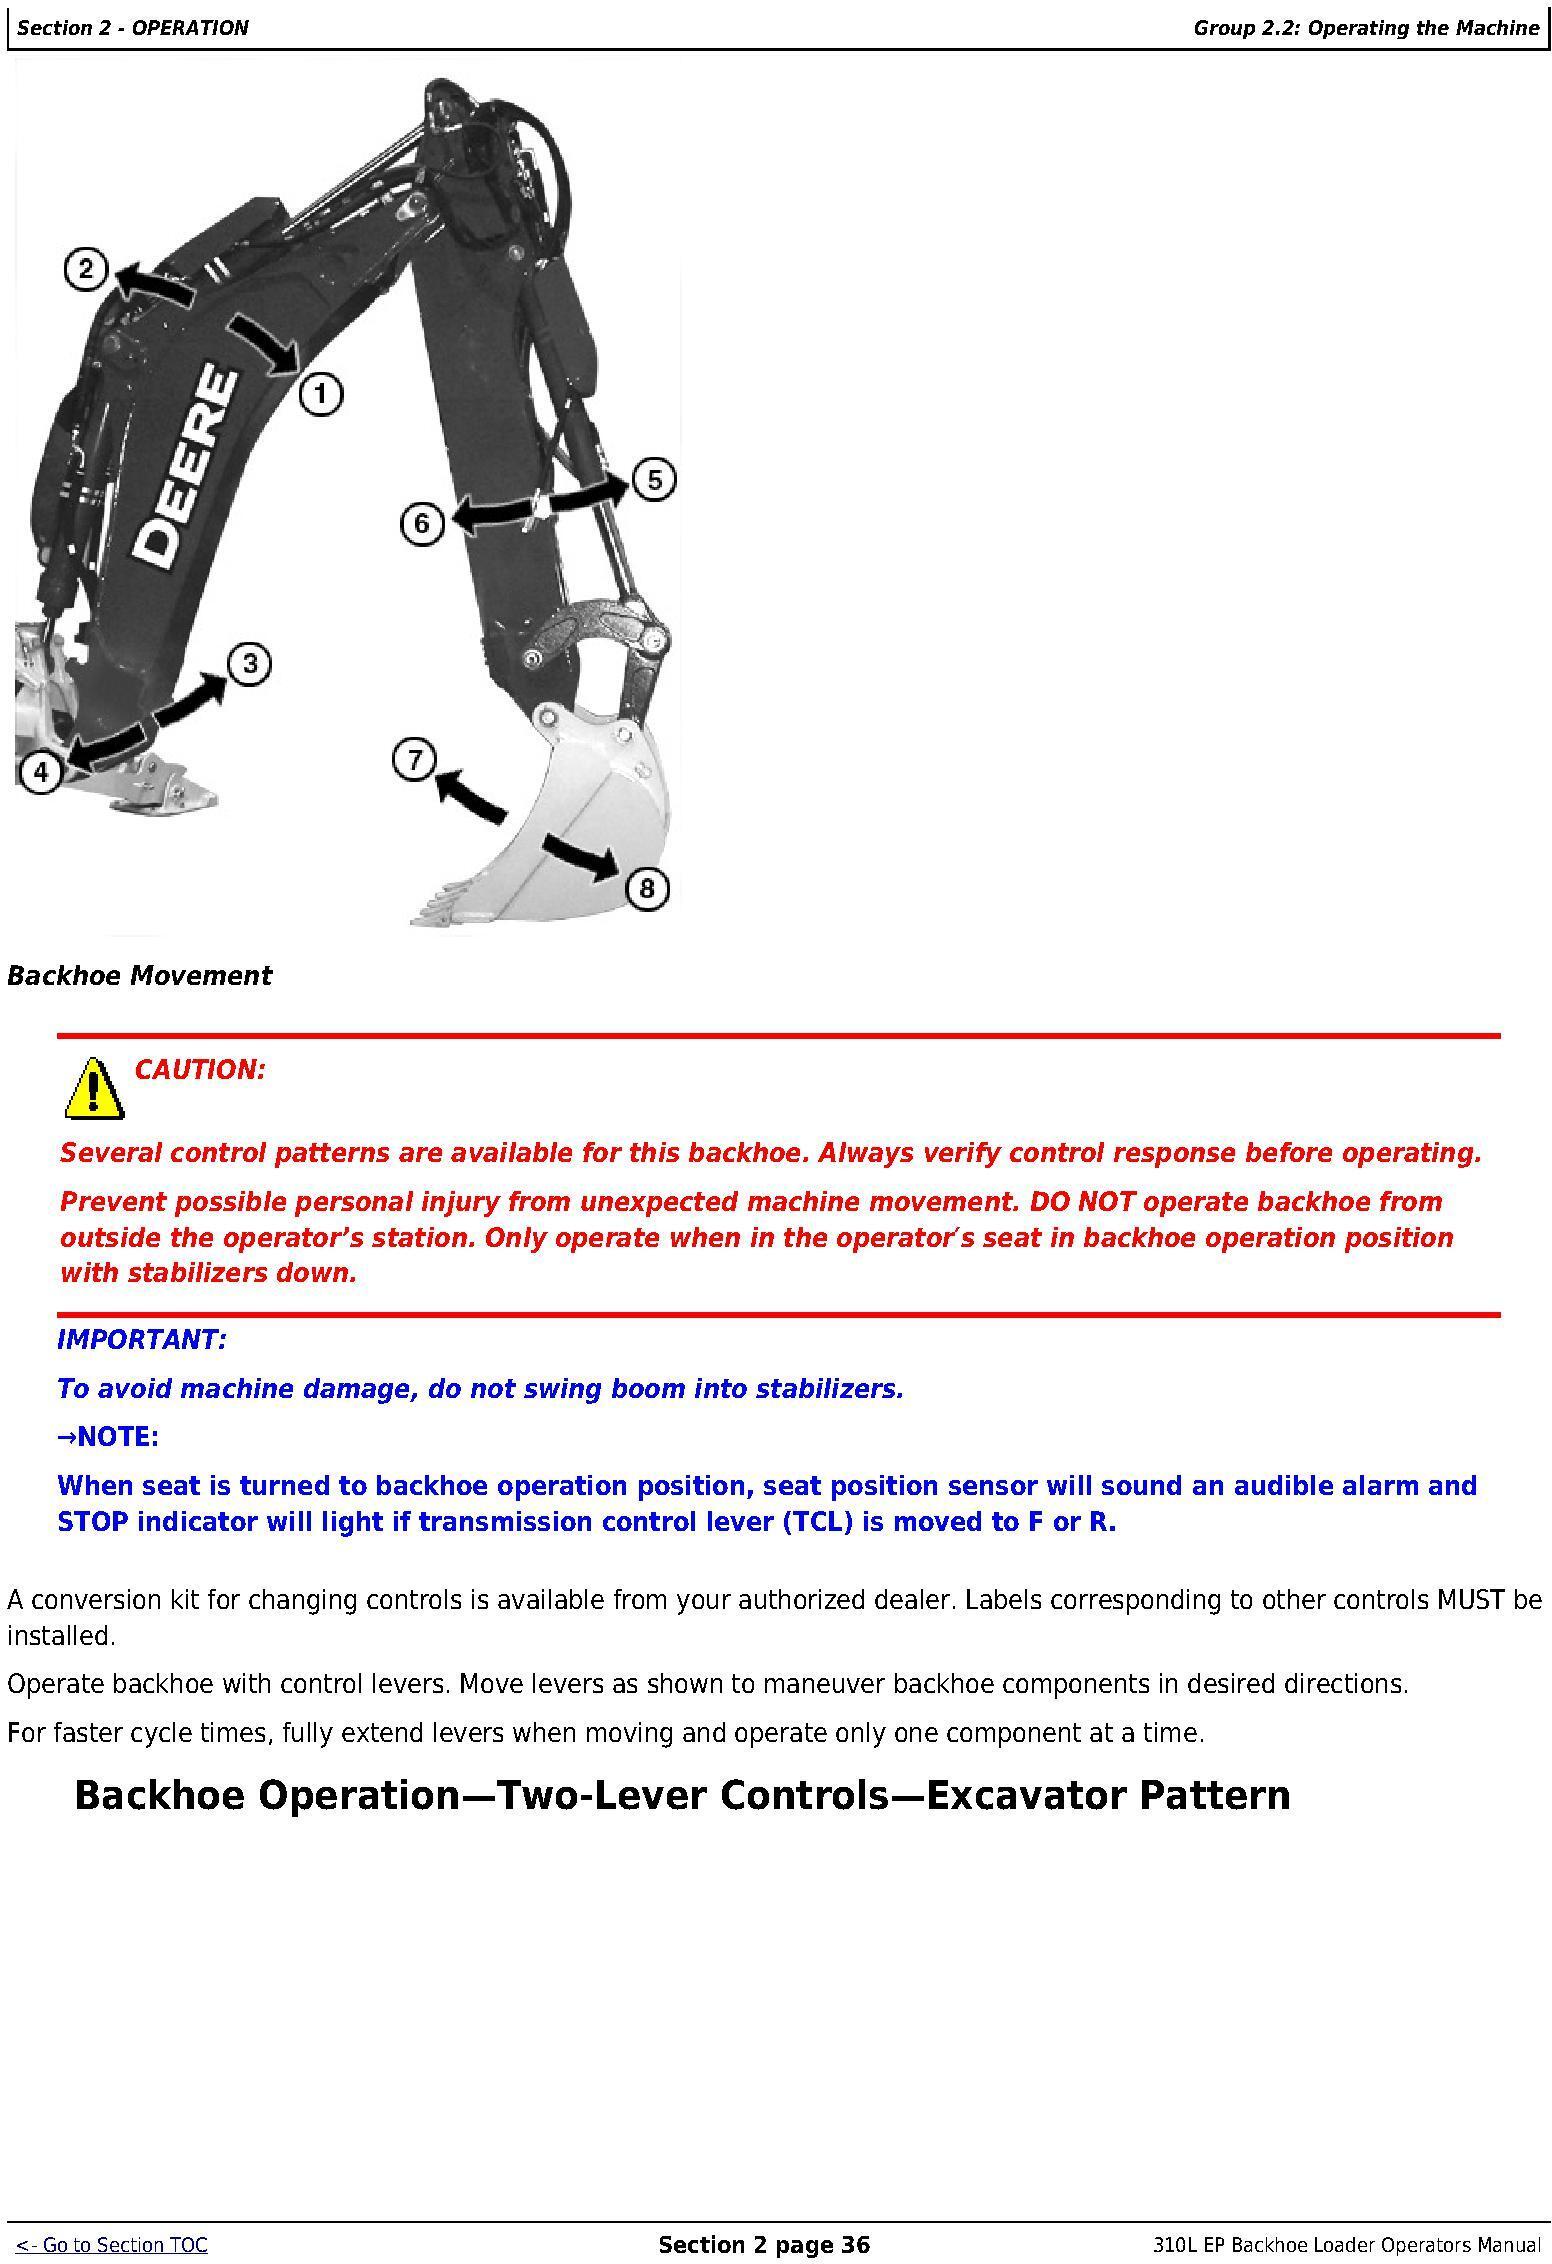 OMT357606X19 - John Deere 310SL Backhoe Loader (PIN:1T0310SL**F273920-) Diagnostic&Test Service Manual (TM13297X19) - 3